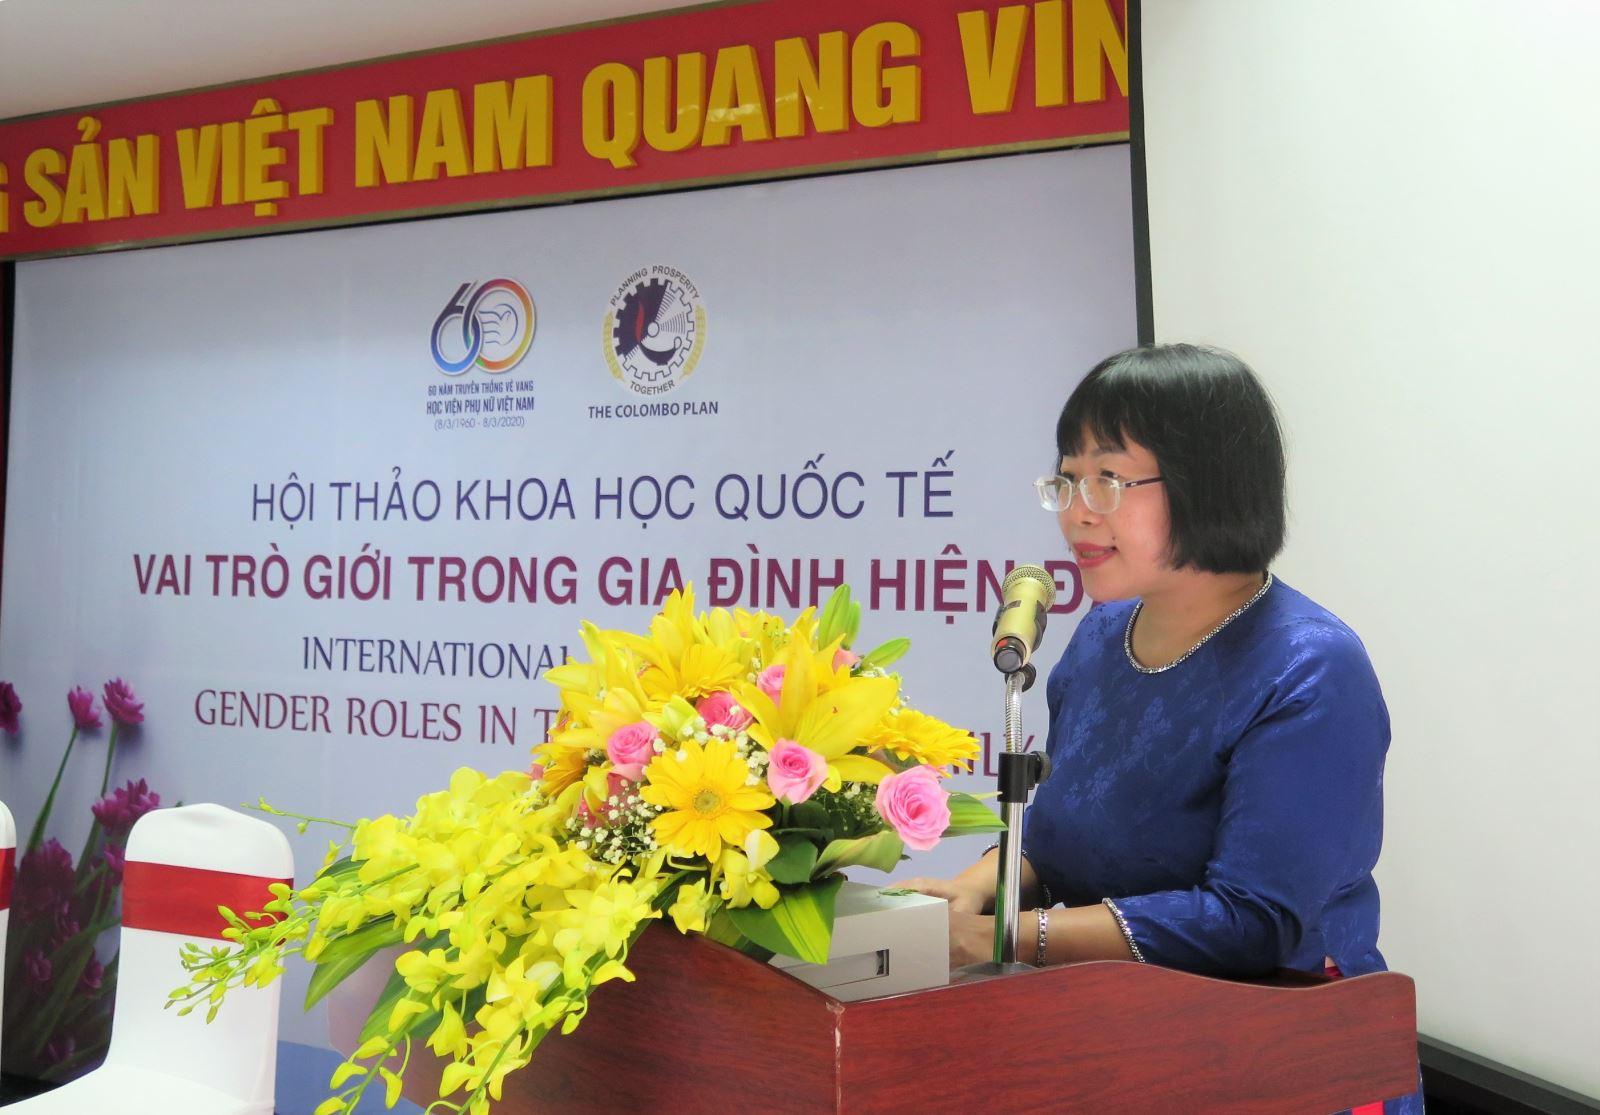 TS.Dương Kim Anh: Cần nỗ lực lấp đầy khoảng trống Giới trong nghiên cứu